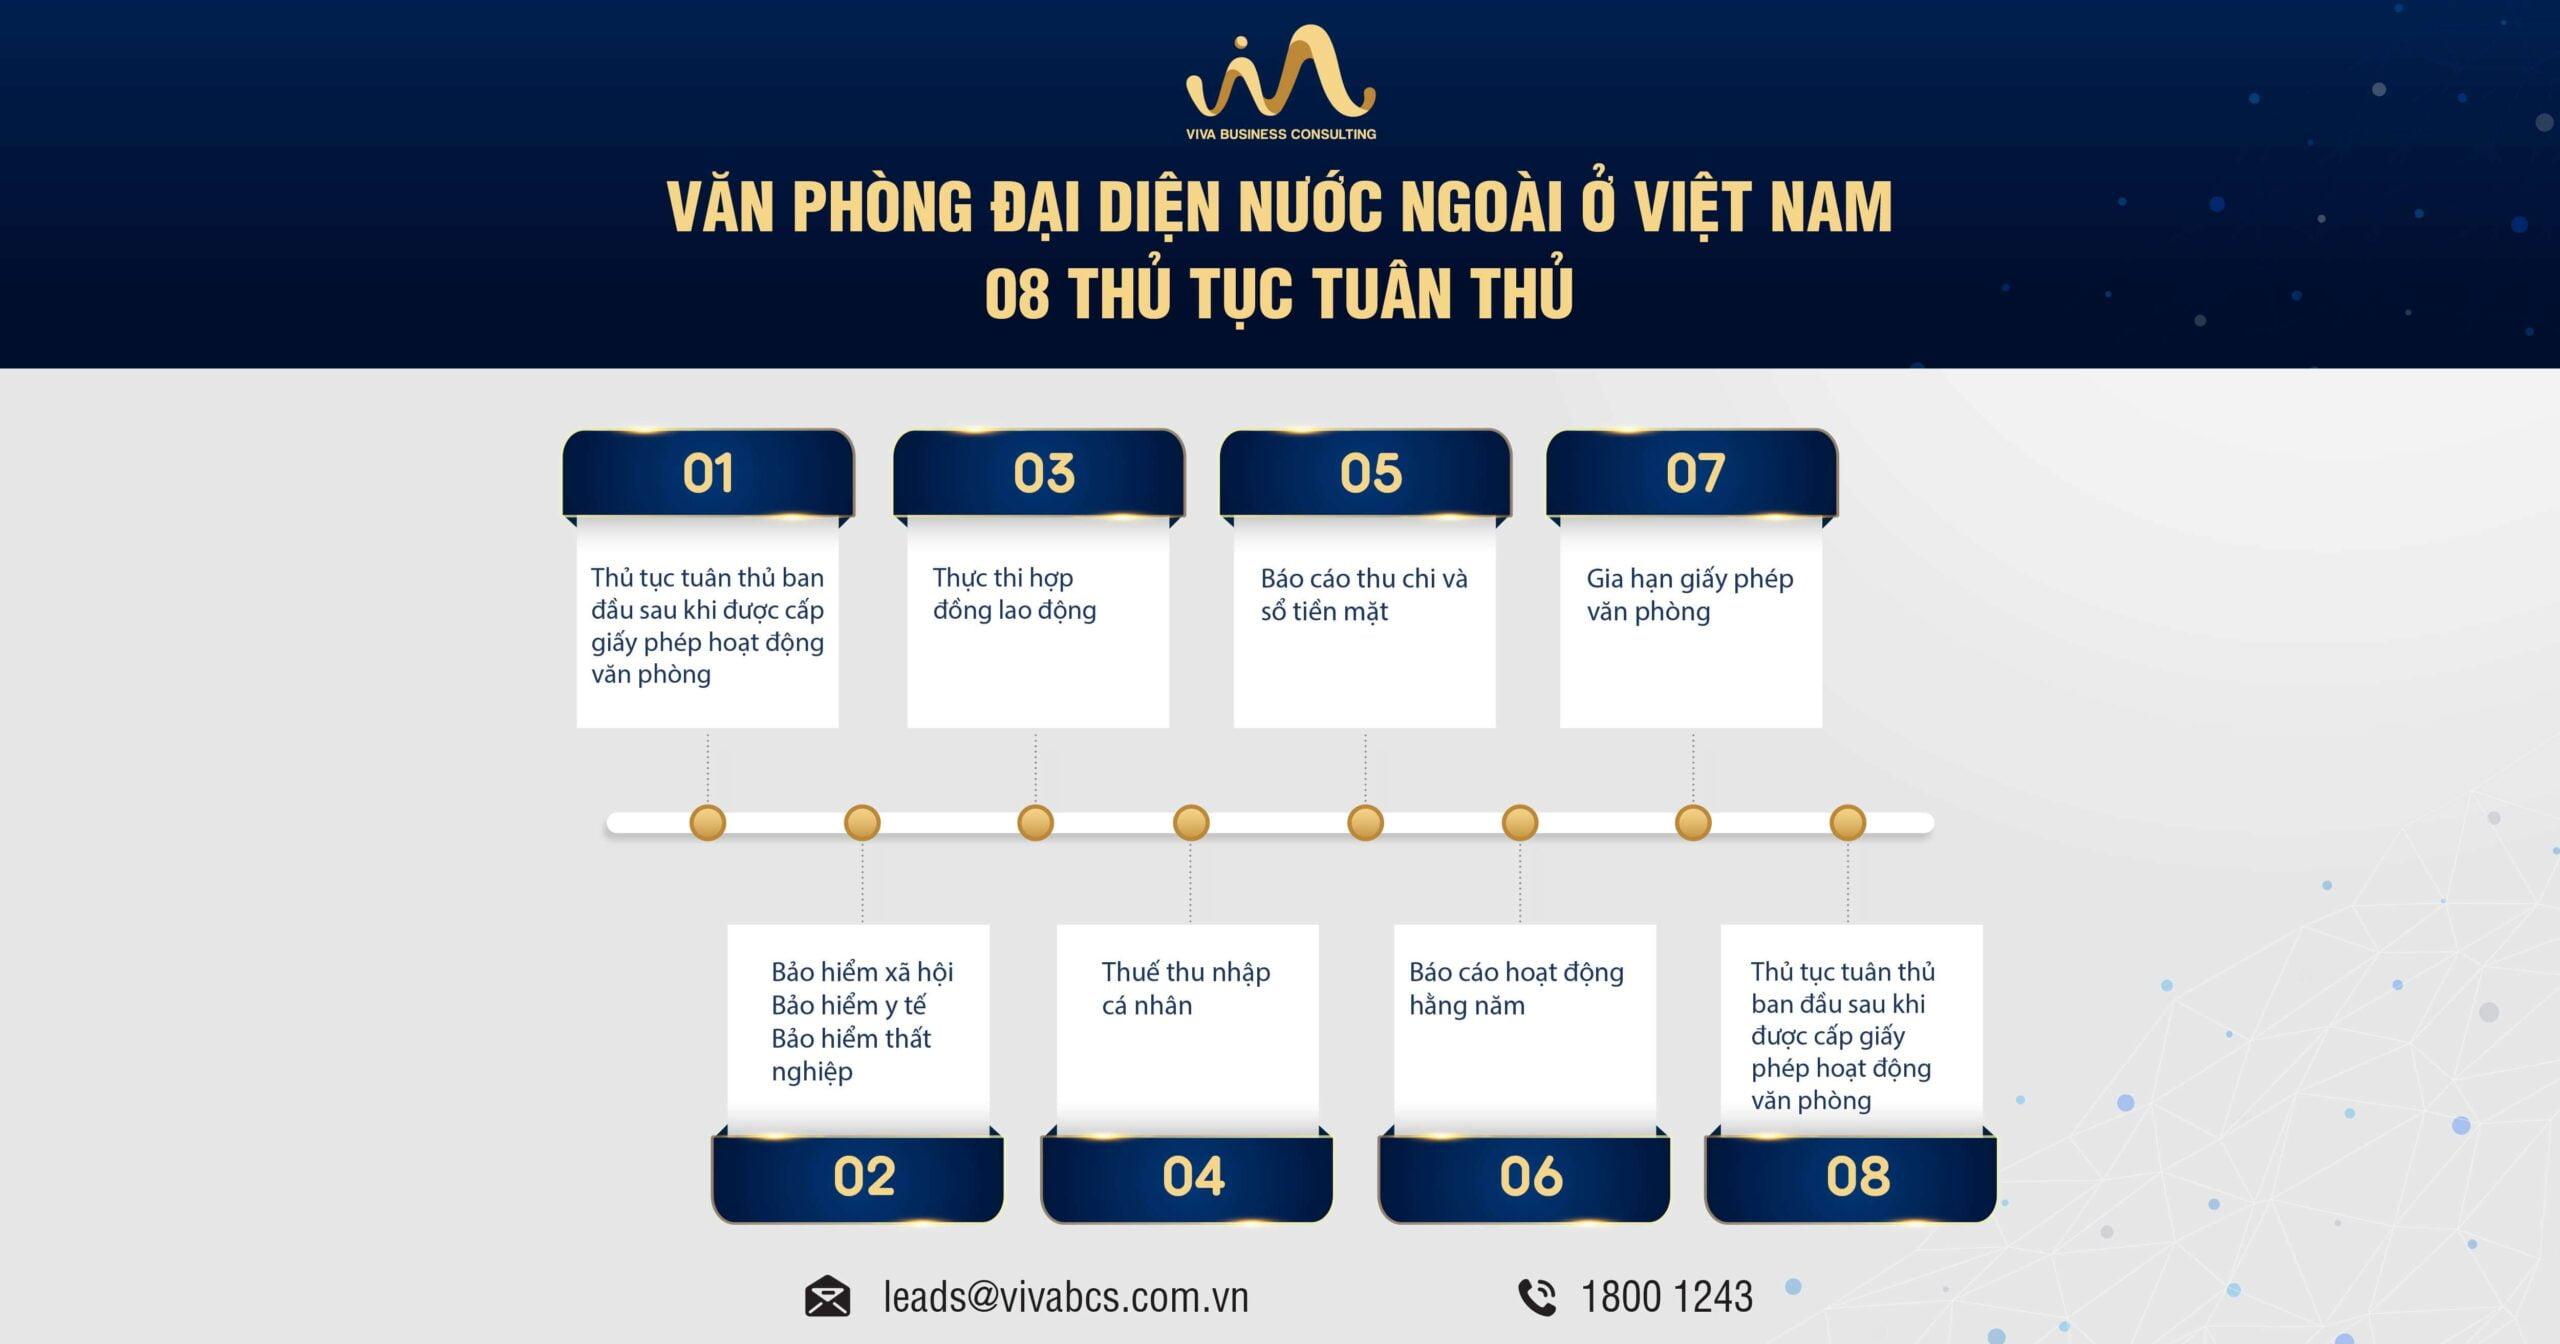 Văn phòng đại diện nước ngoài tại Việt Nam: 08 Thủ tục tuân thủ